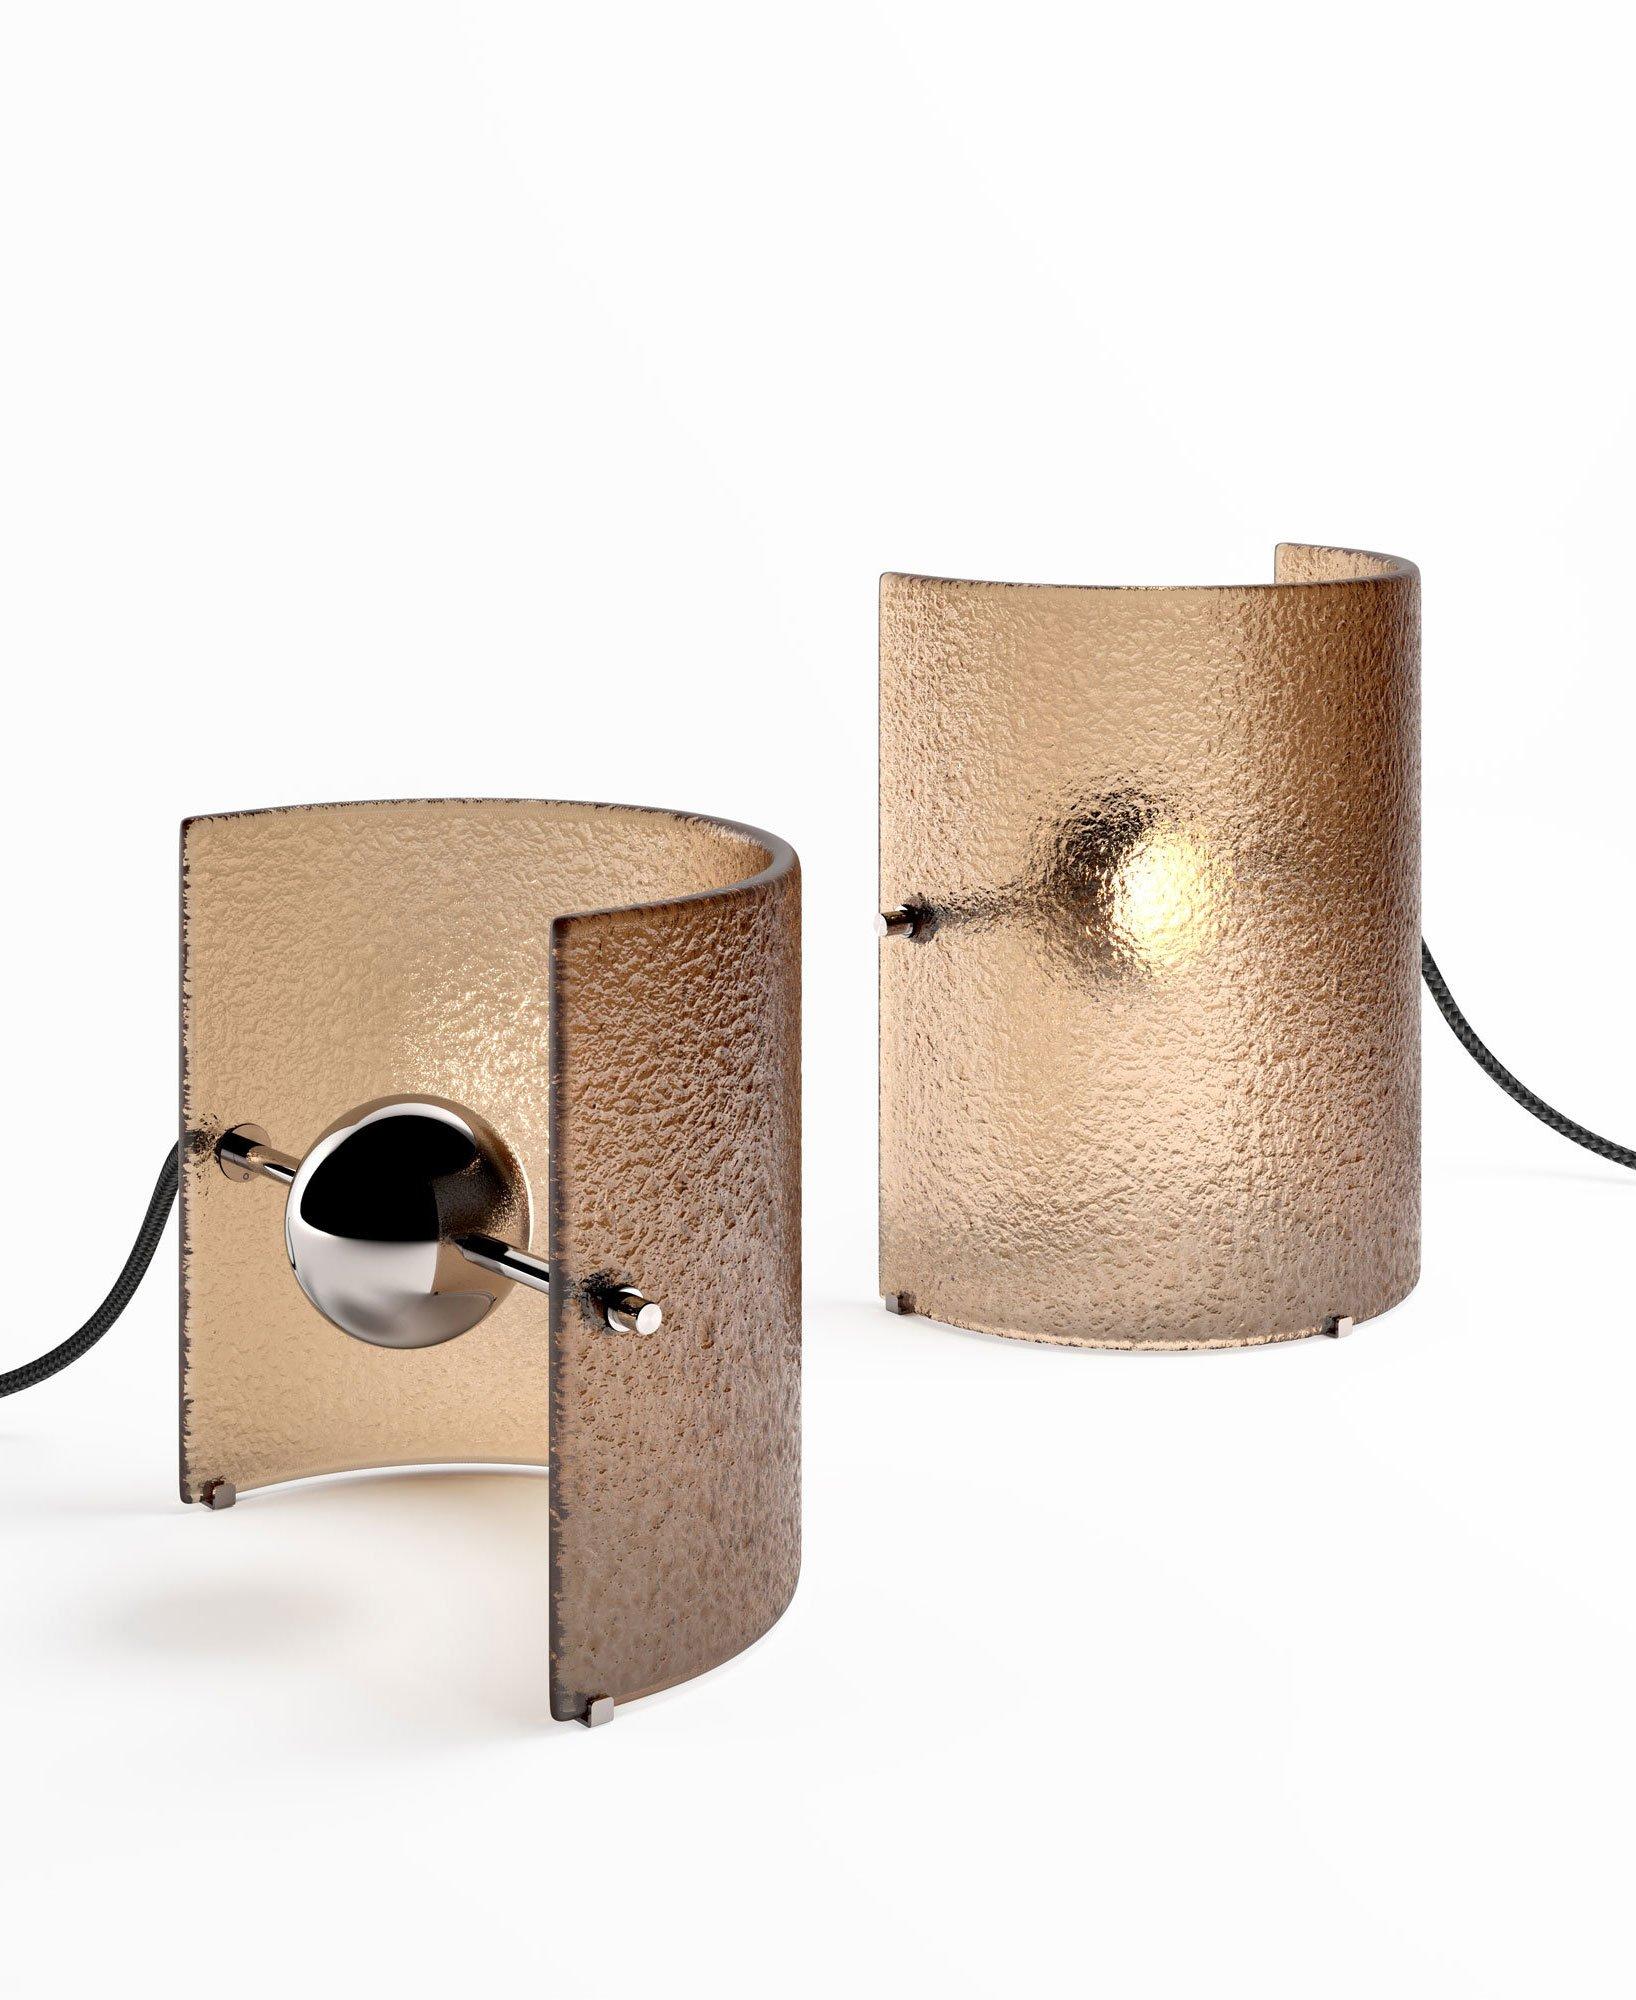 Gläserne Tischleuchte von Studiopepe für Gallotti & Radice